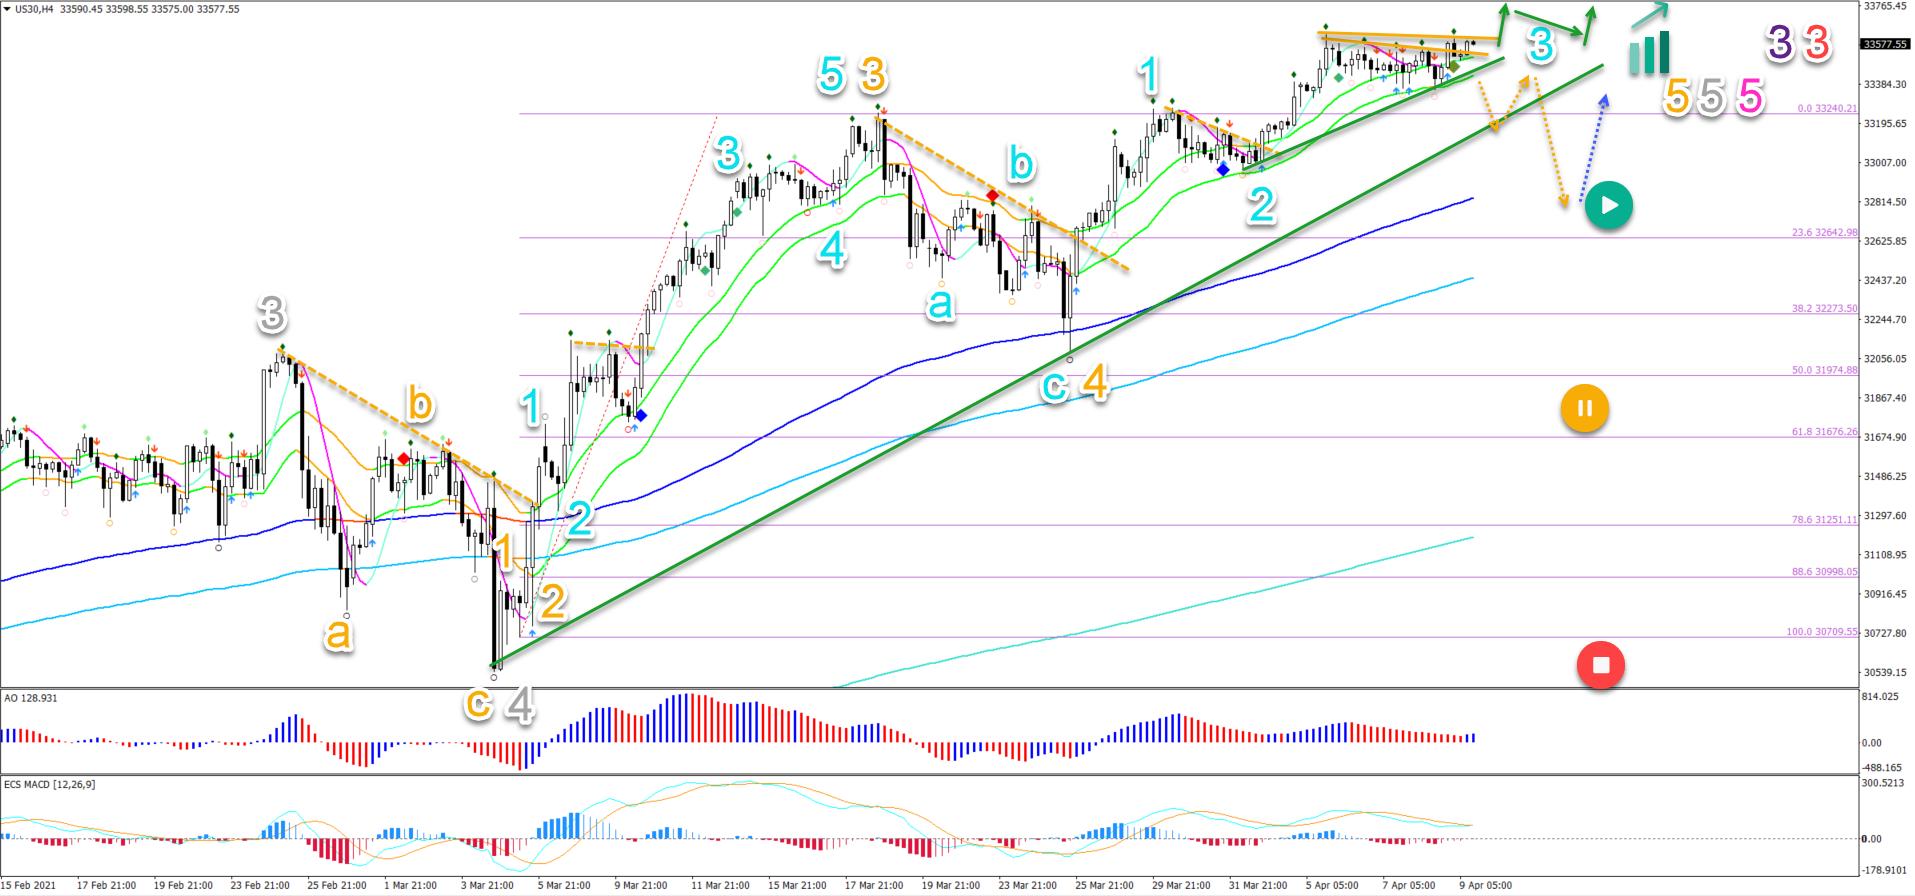 Dow Jones 09.04.2021 4 hour chart